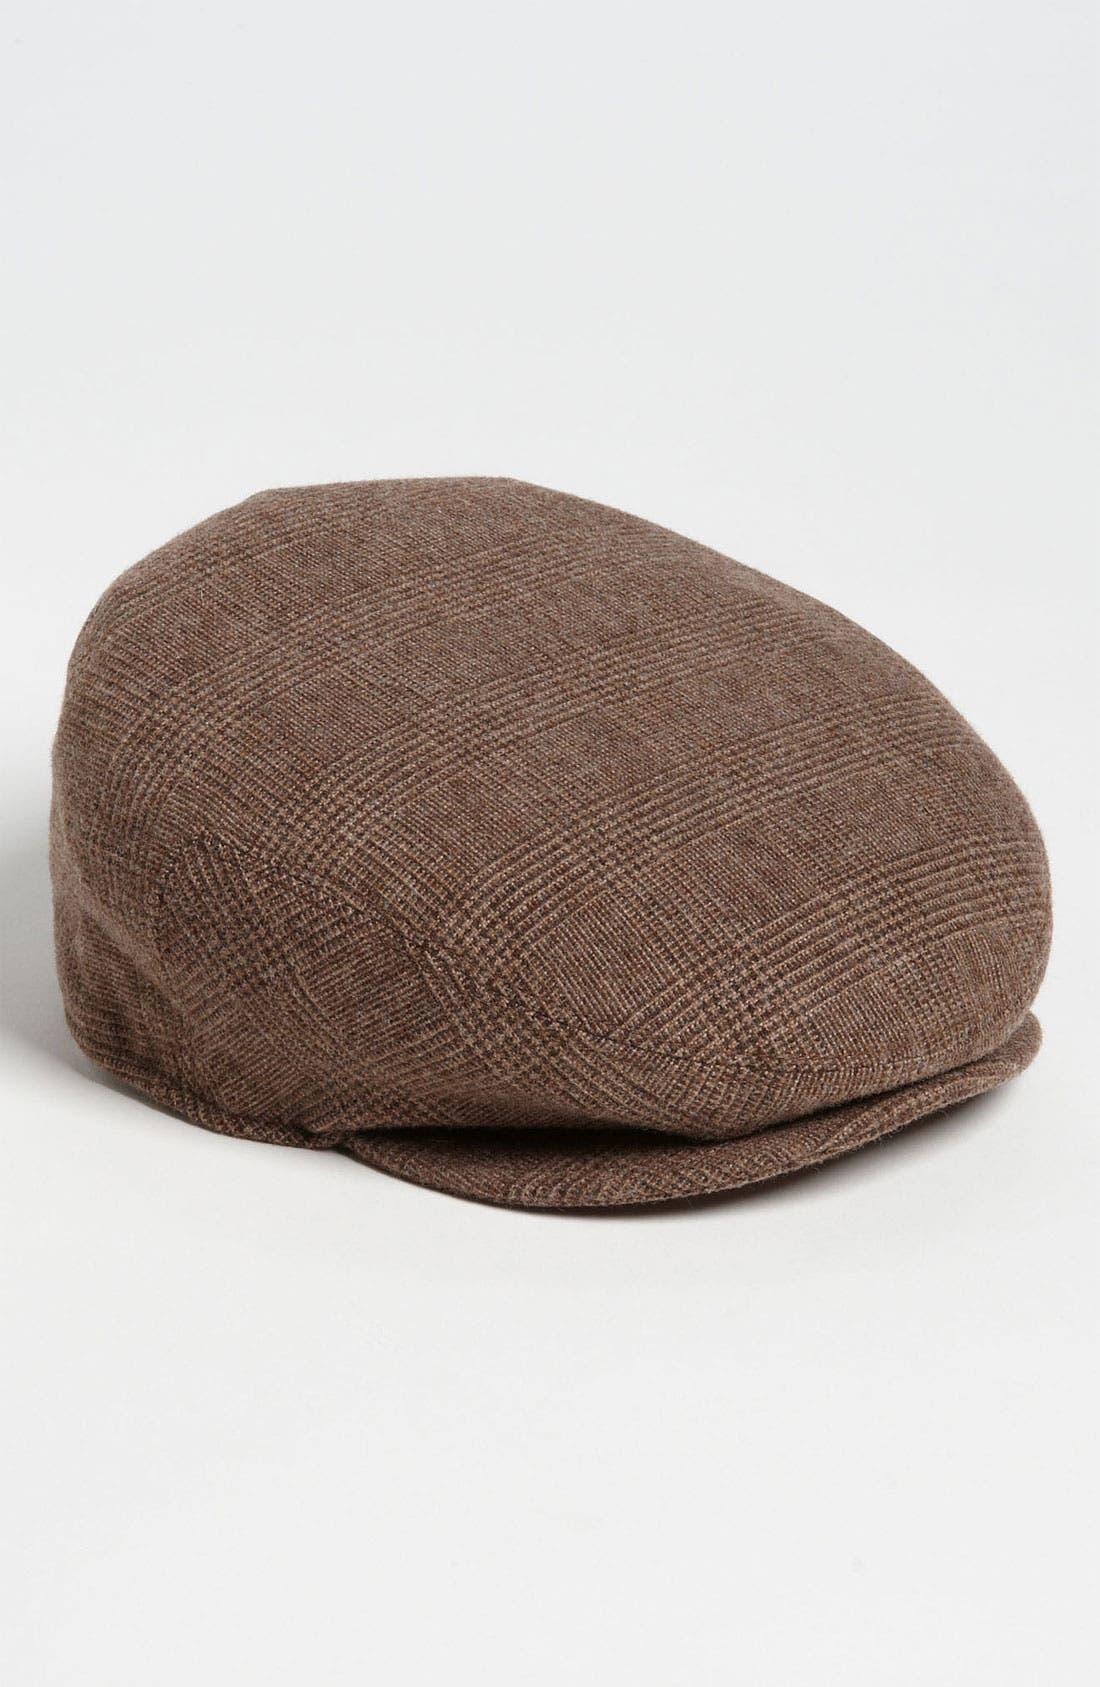 Alternate Image 1 Selected - Brooks Brothers 'Ivy' Tweed Cap